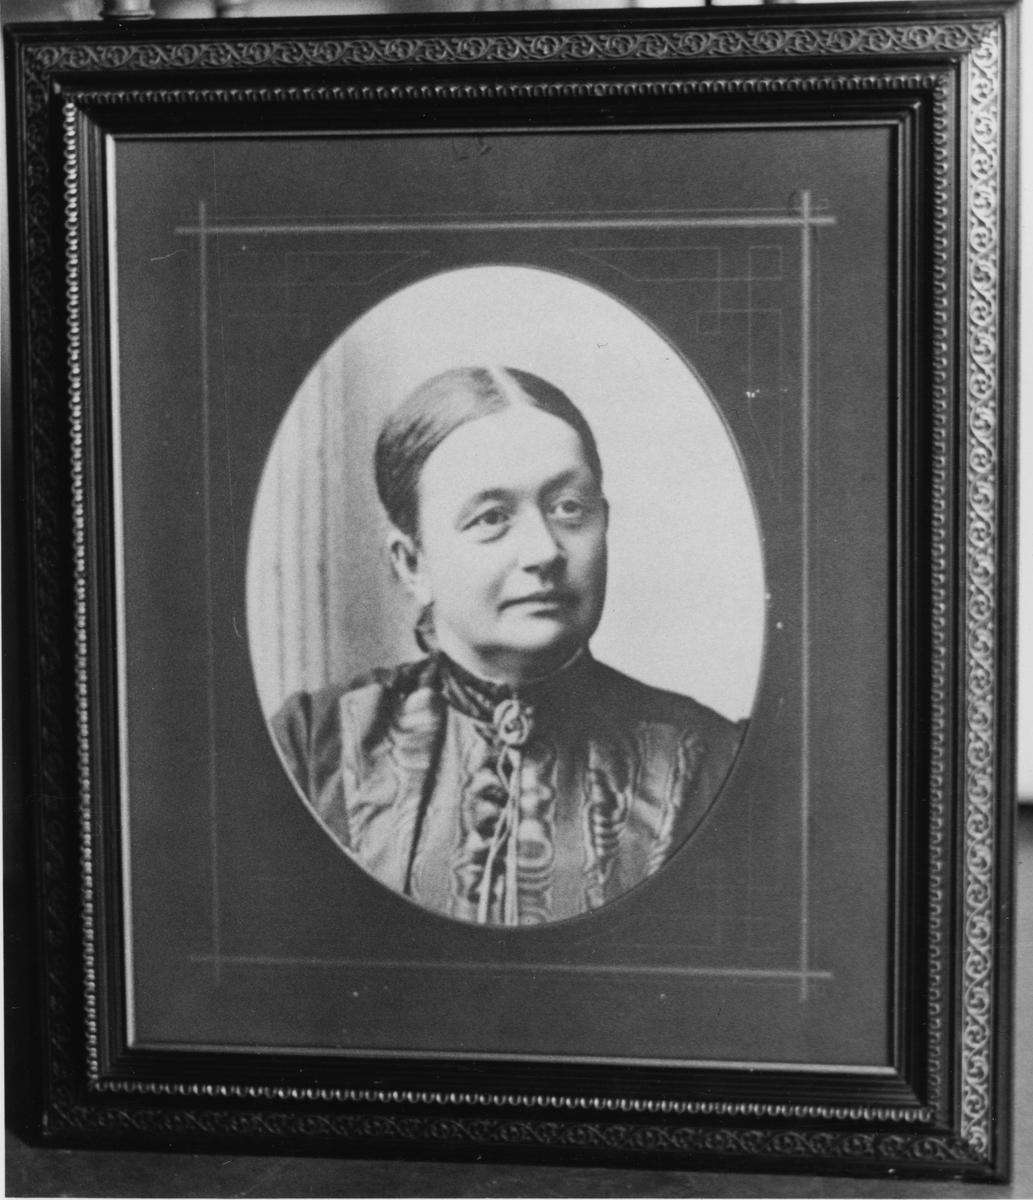 Elisabeth Almgren